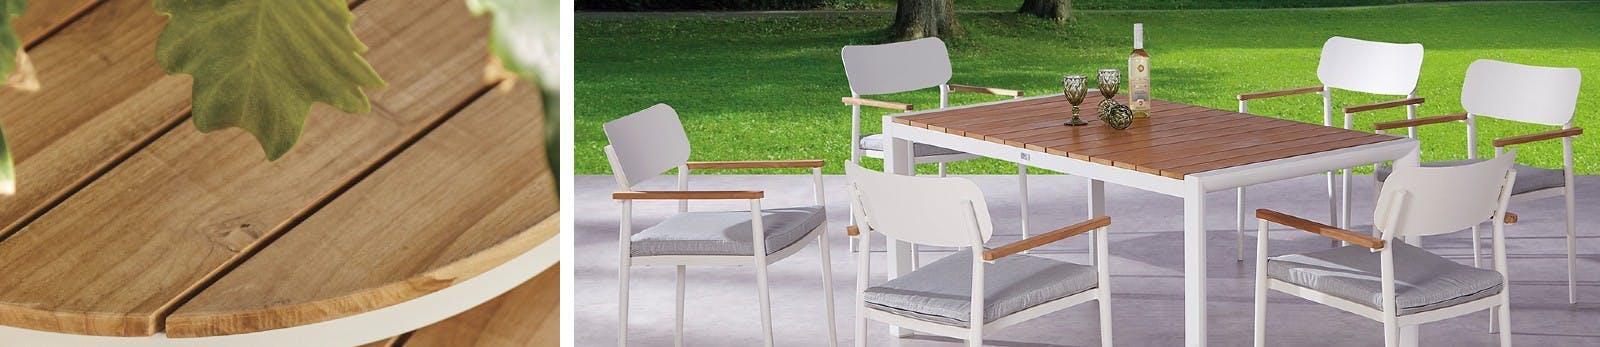 Nahaufnahme von Gartentisch aus Teakholz sowie Holztisch mit weiß lackierten Beinen und sechs darum platzierte Stühle